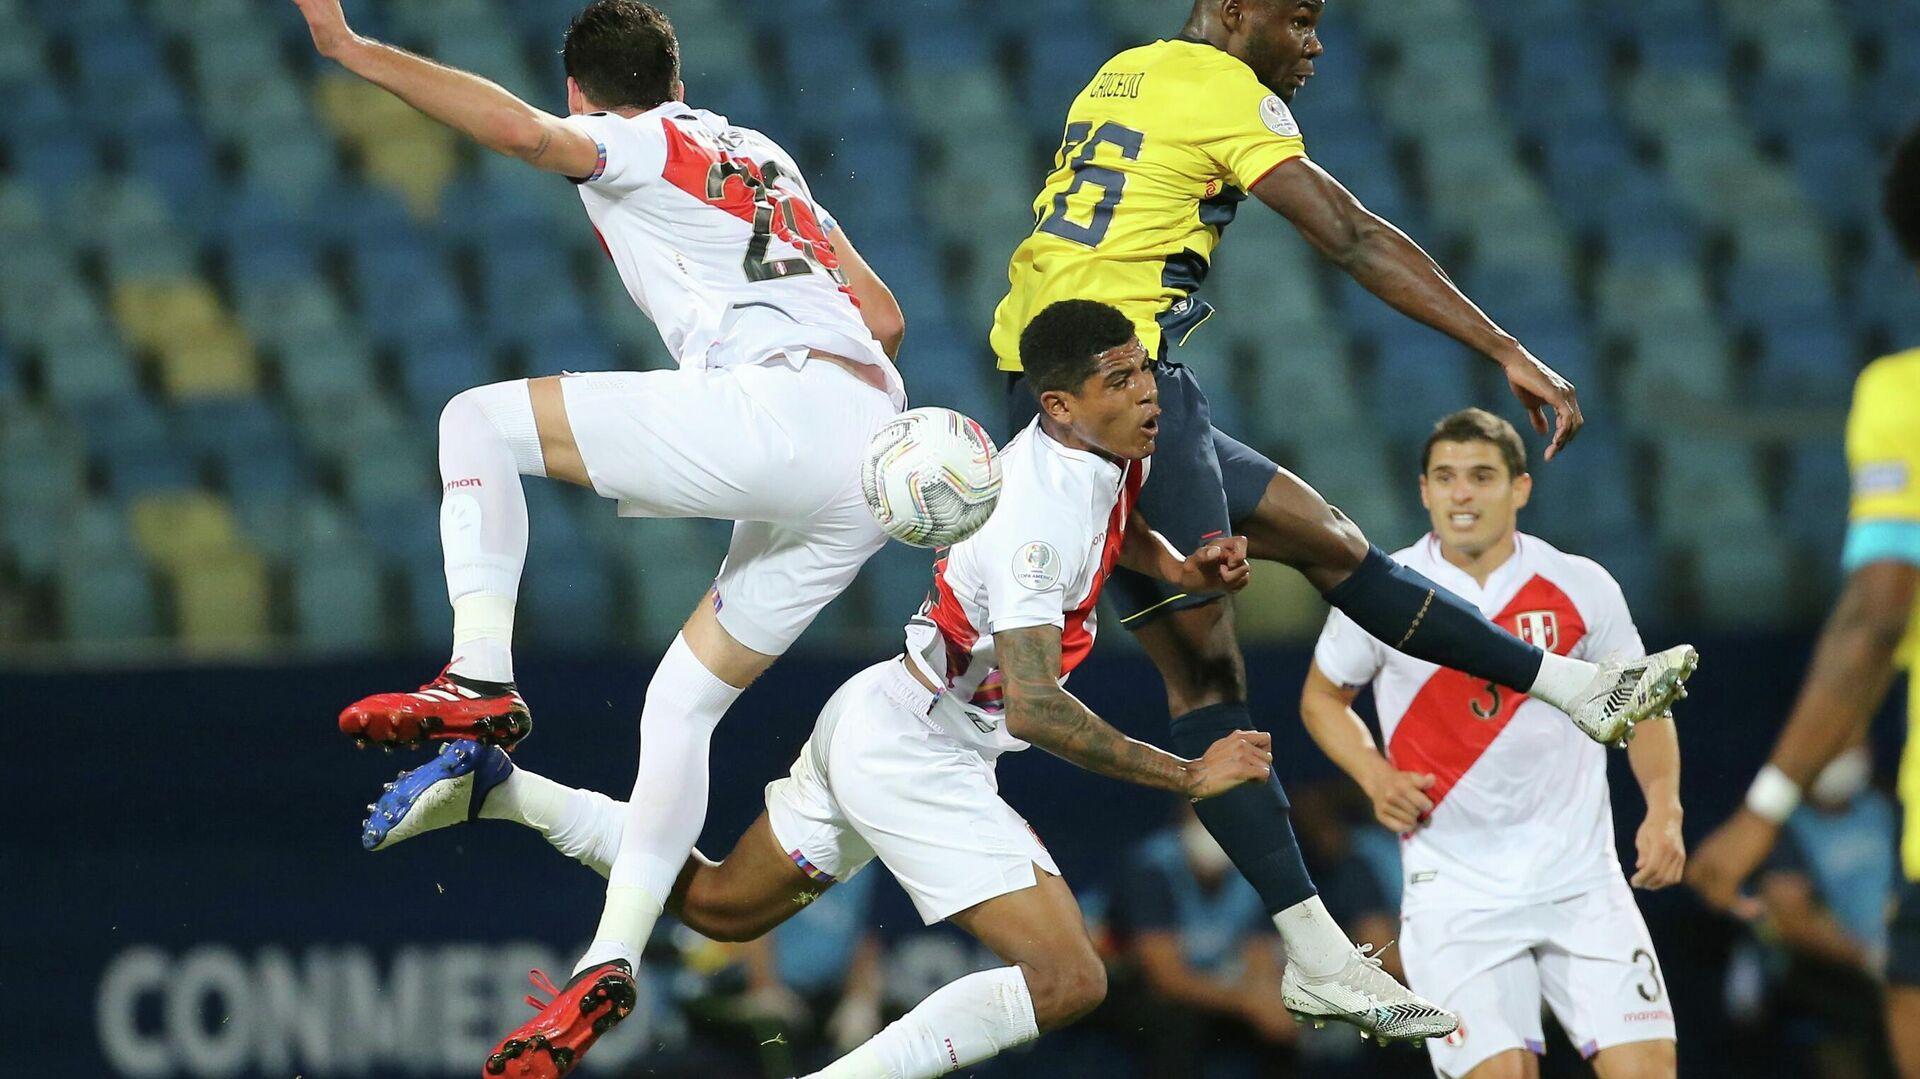 Juego entre Ecuador y Perú durante la etapa de grupos de la Copa América 2021 en Goiania (Brasil), el 23 de junio del 2021 - Sputnik Mundo, 1920, 23.06.2021